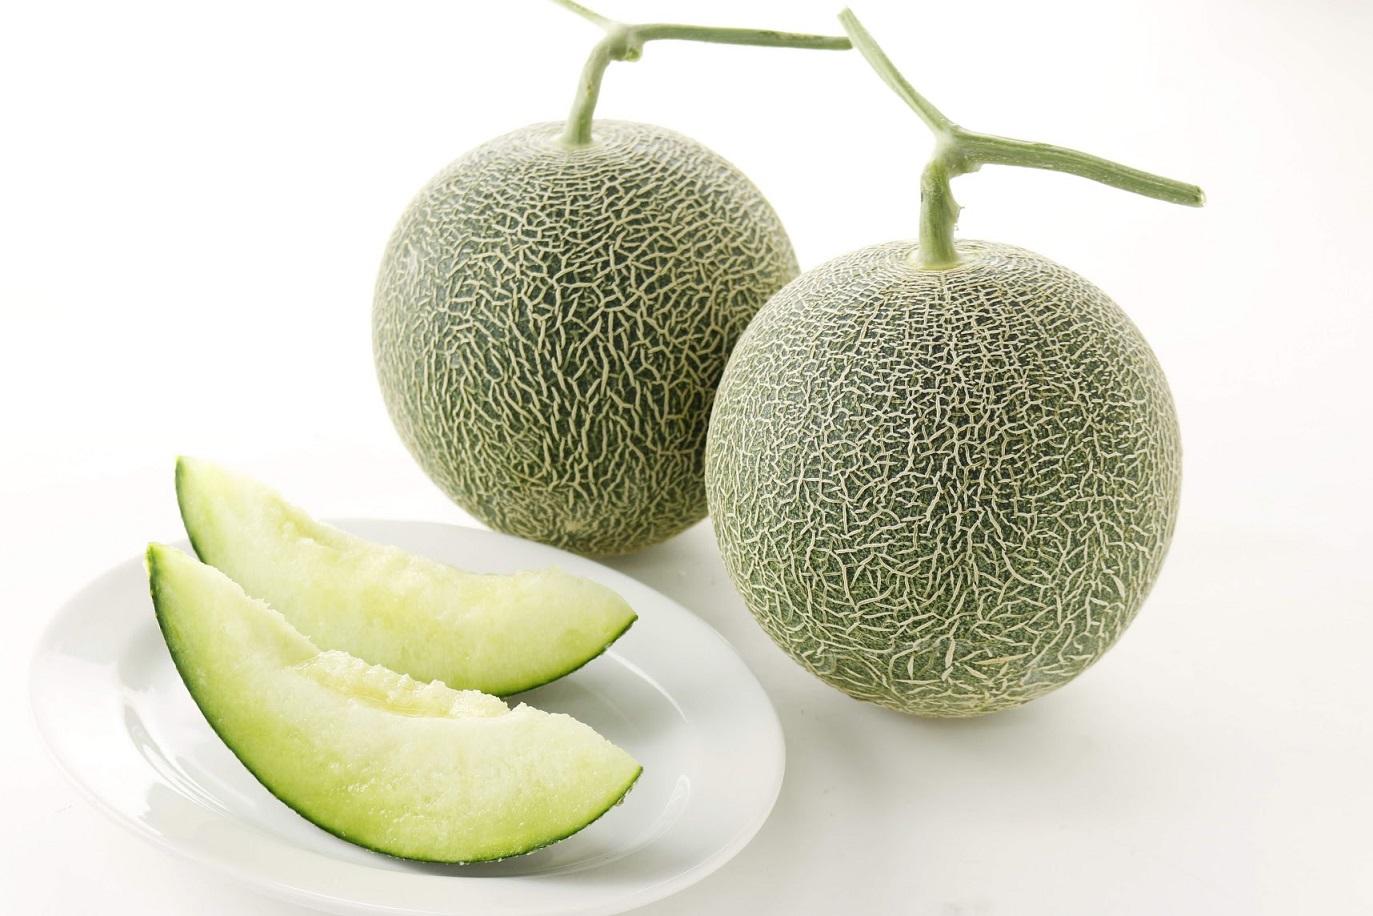 【ふるさと納税】肥後グリーンメロン2玉 【メロンドーム】